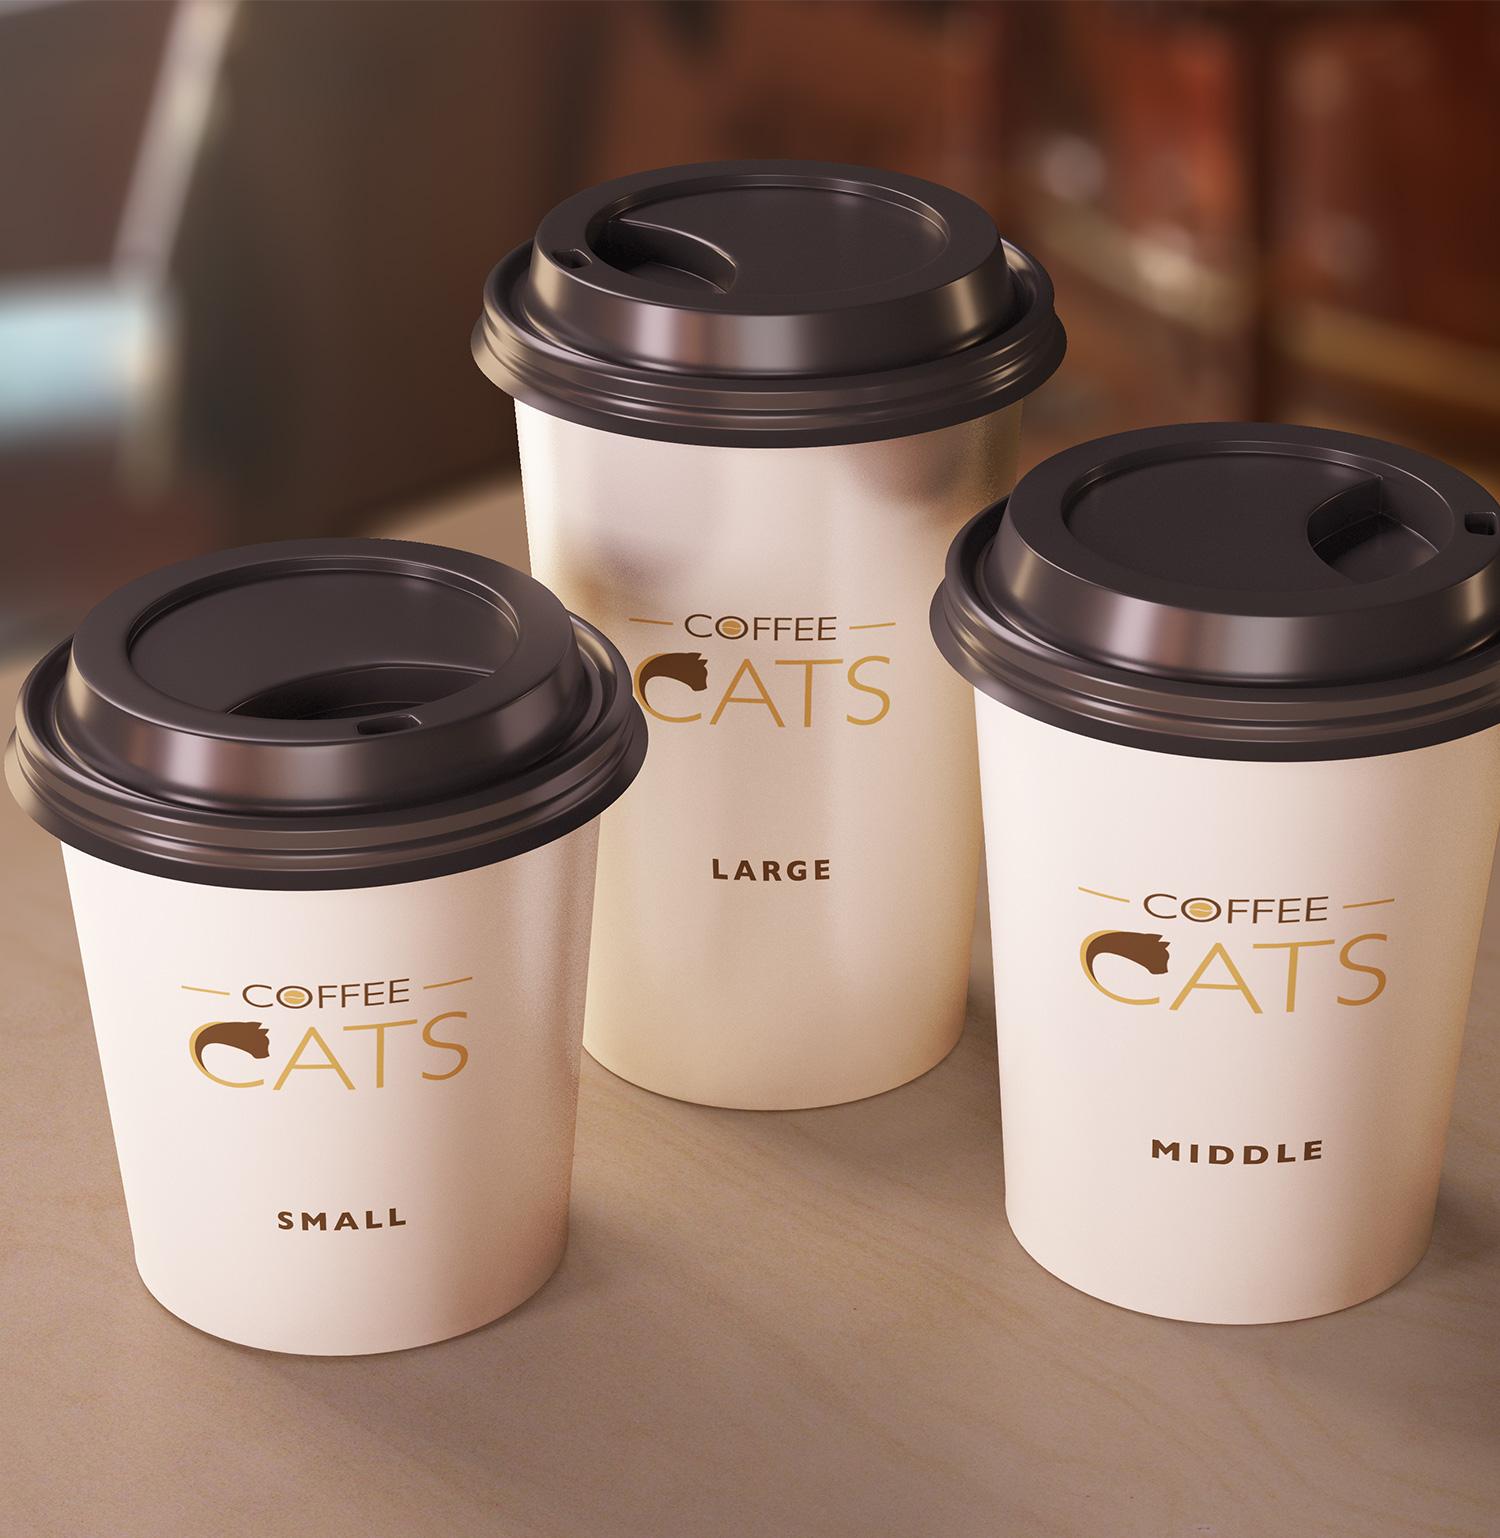 vorschau-bilder_CoffeeCats_#2